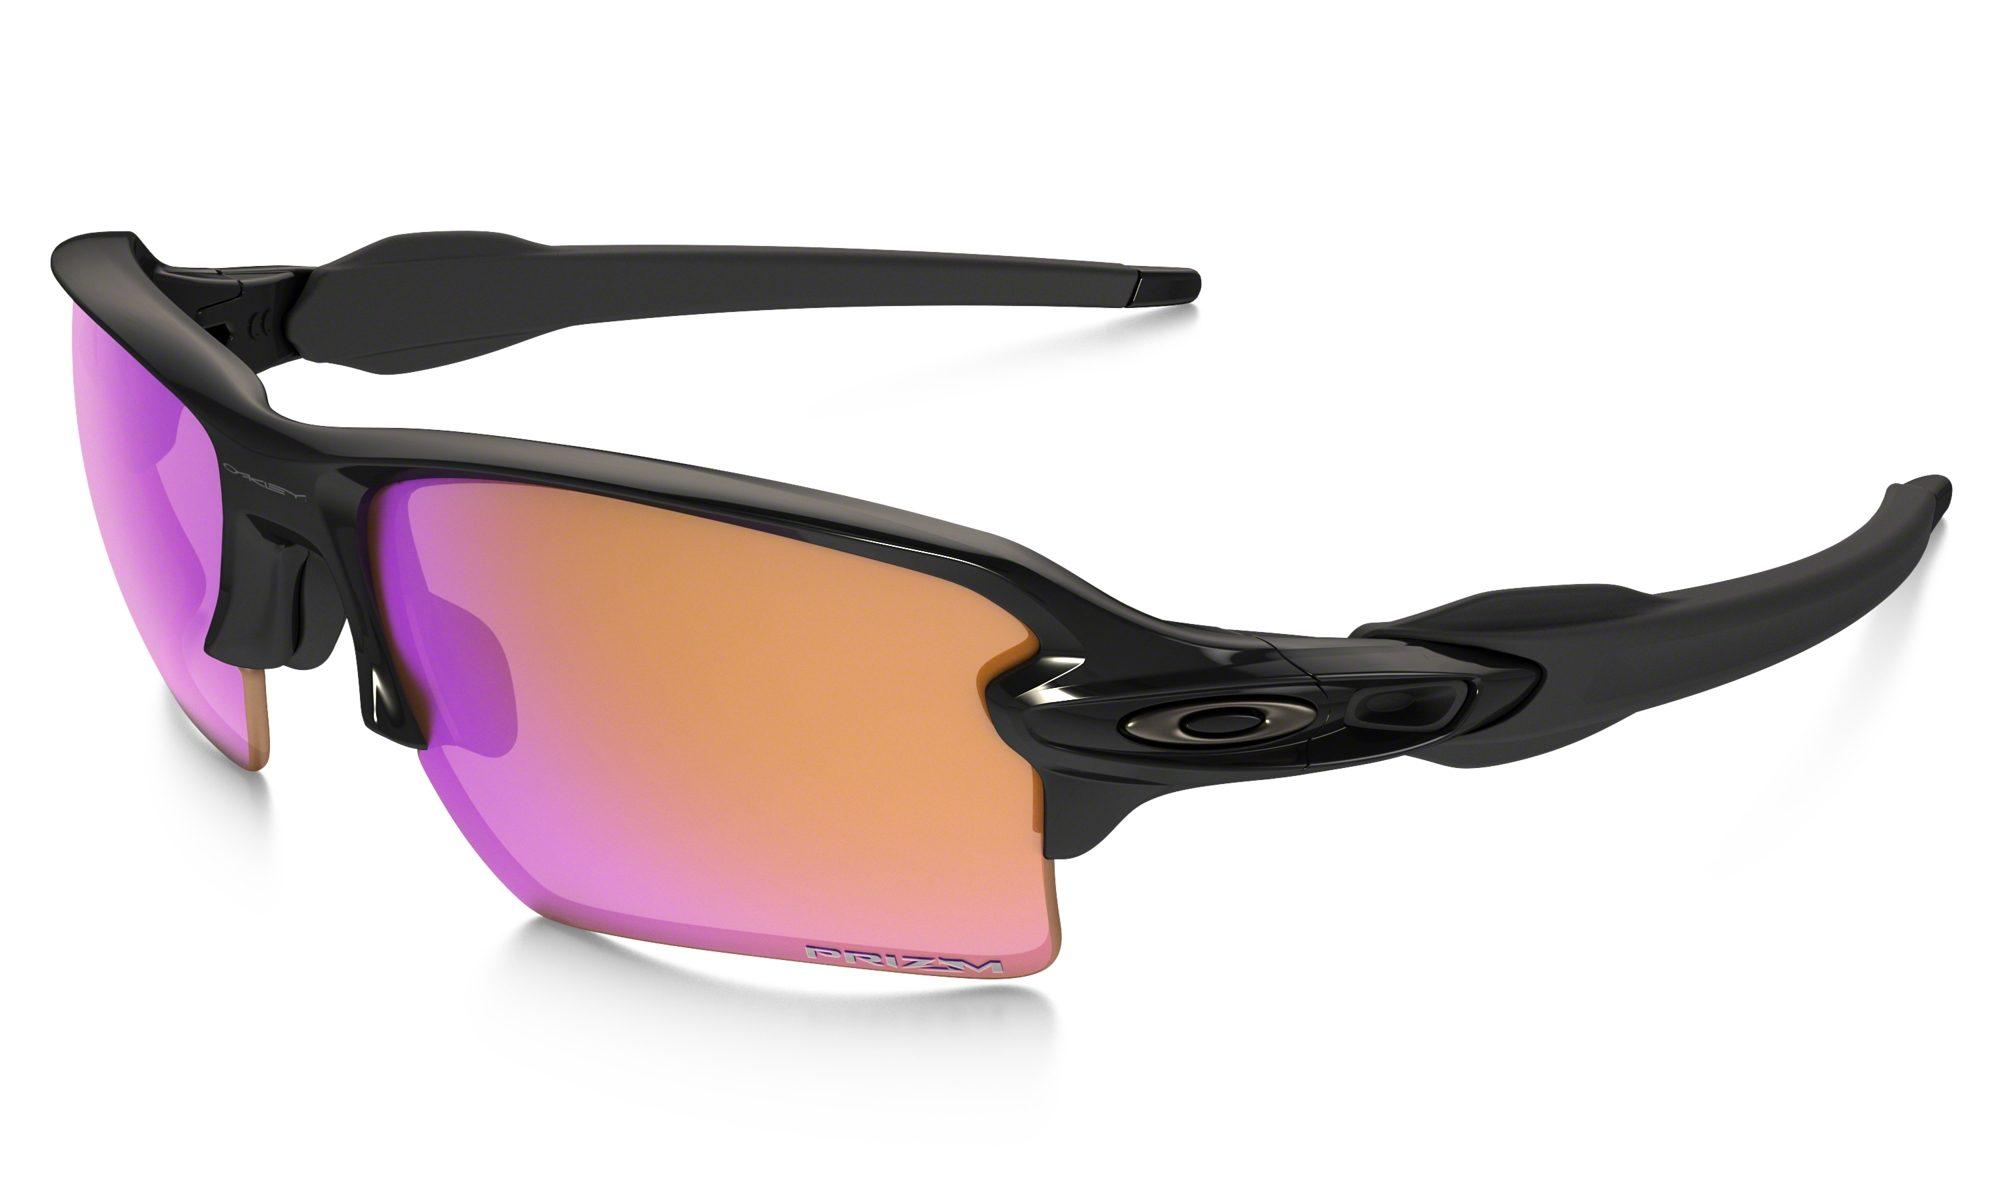 Oakley Radsportbrille »Prizm Trail Flak 2.0 XL Brille«